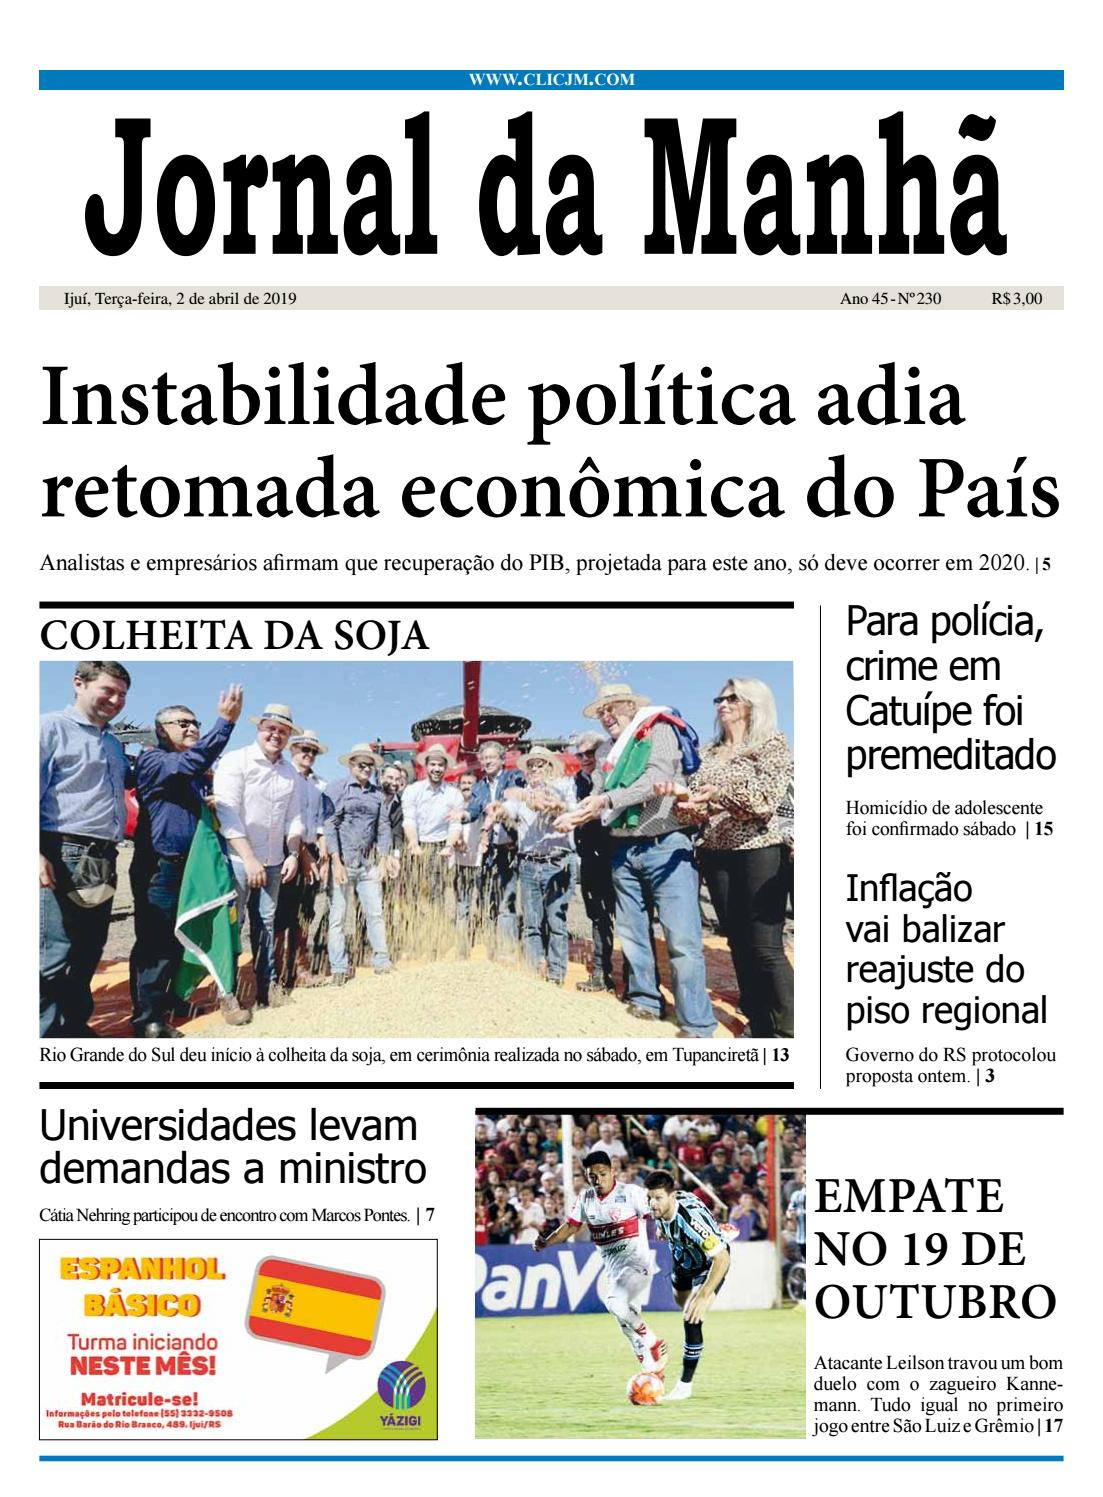 4e49d44482b Jornal da Manhã - Terça-feira - 02-04-2019 by clicjm - issuu